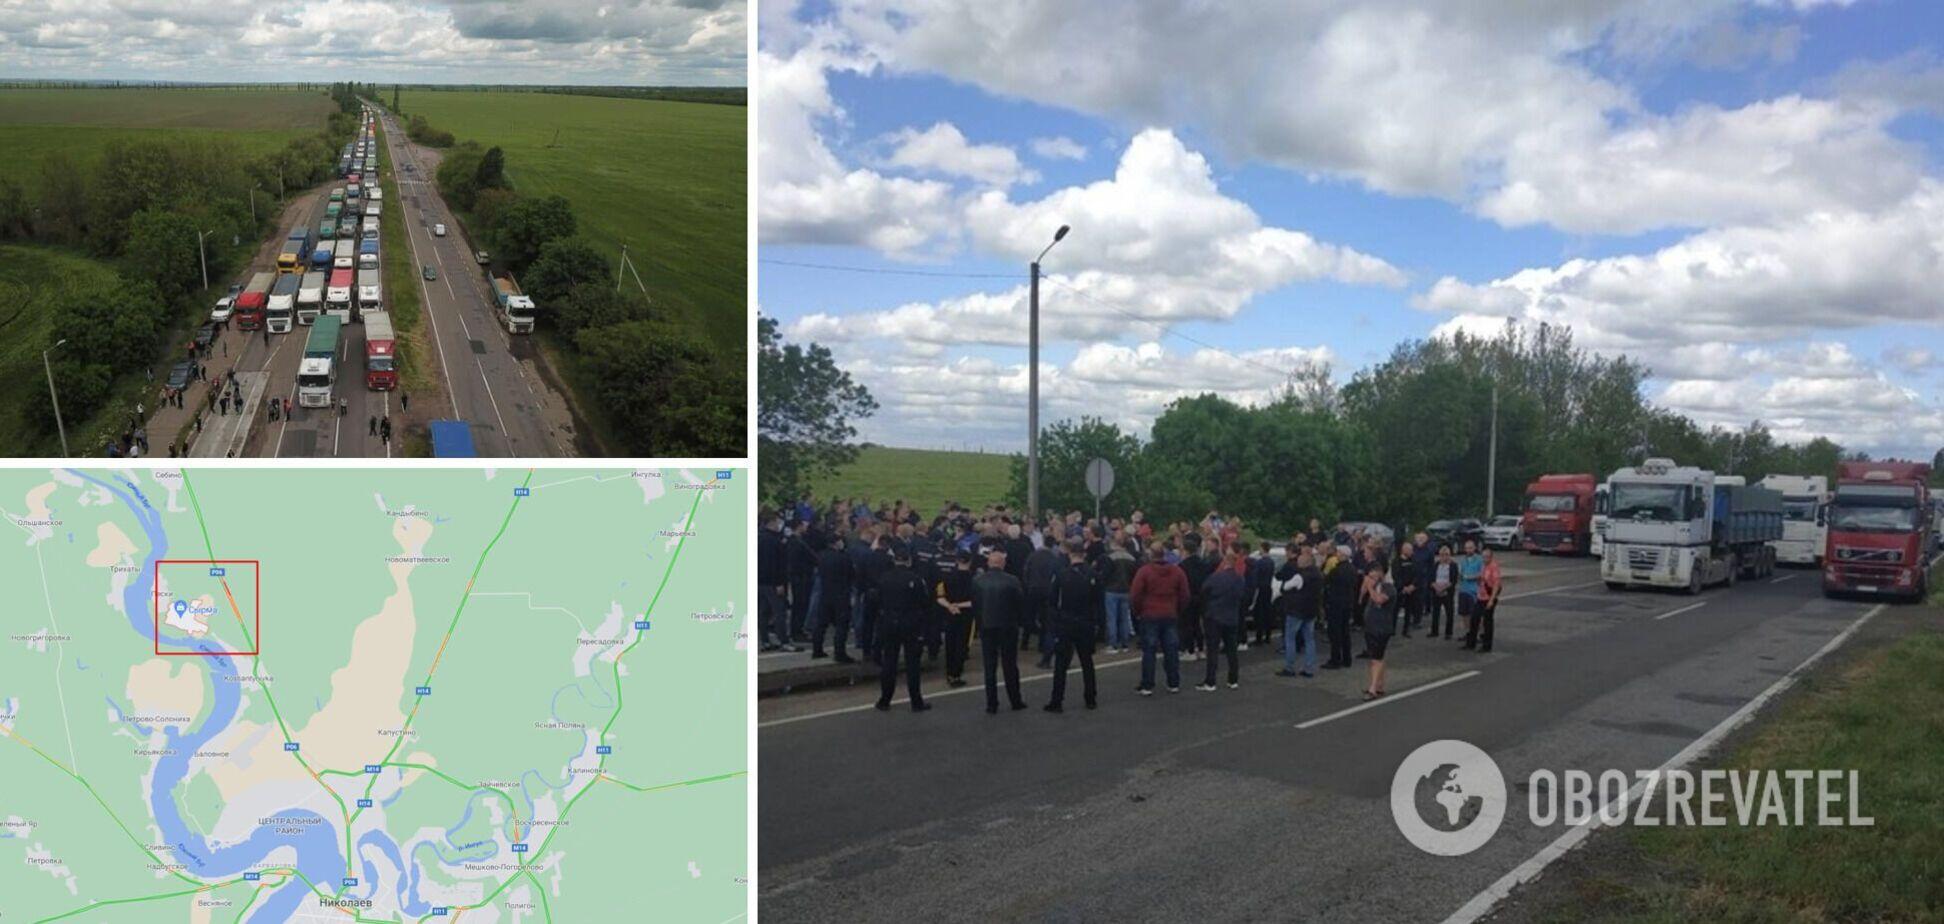 Под Николаевом дальнобойщики заблокировали трассу, протестуя против систем взвешивания. Фото и видео